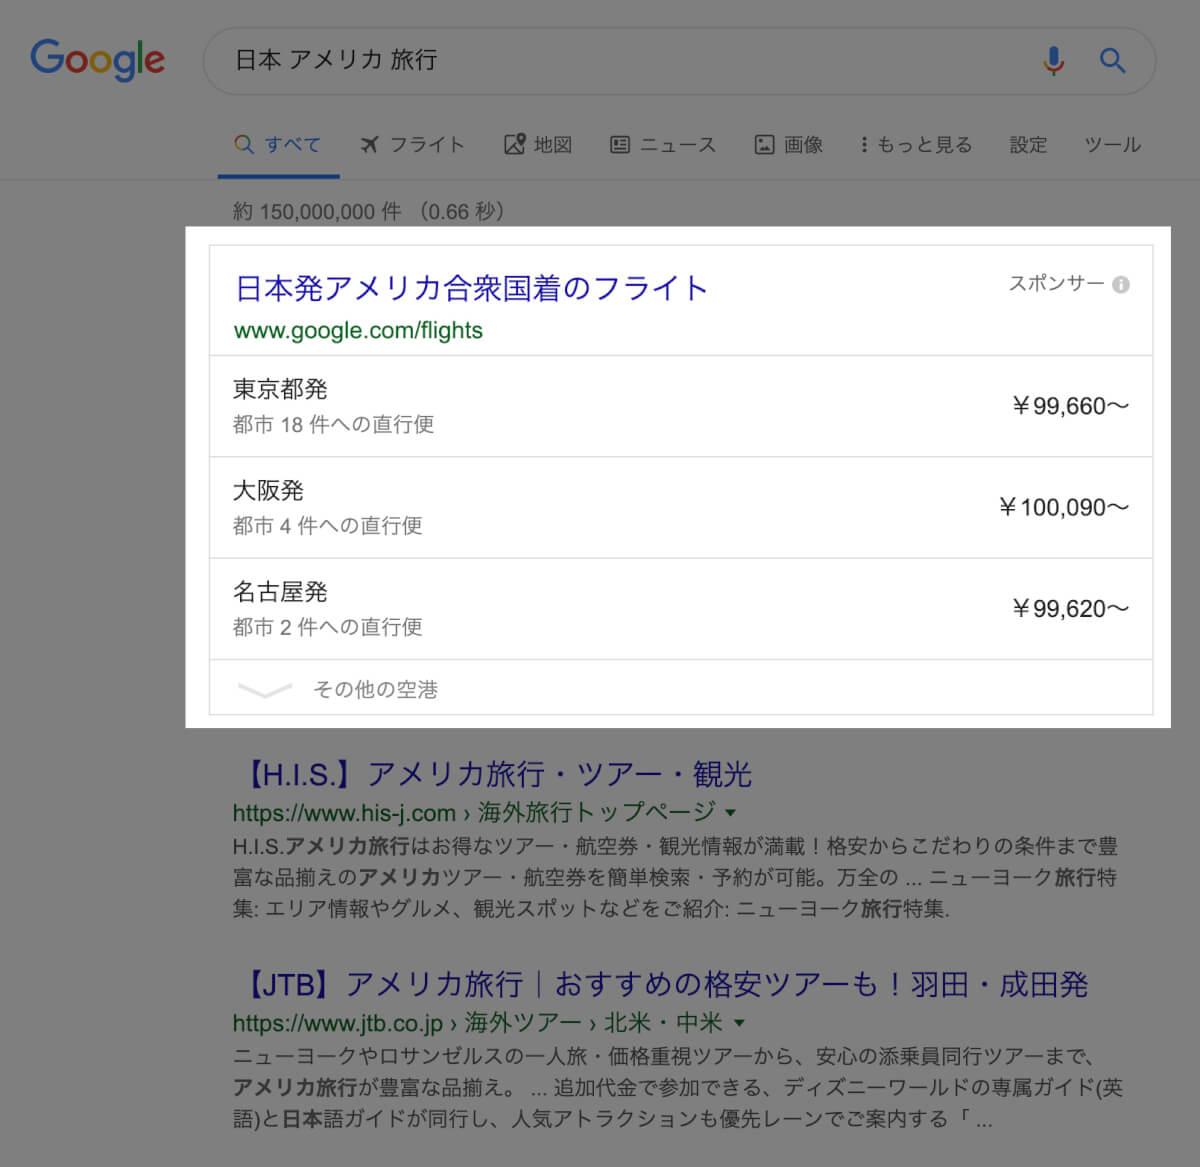 「日本 アメリカ 旅行」と検索した時のGoogle検索結果